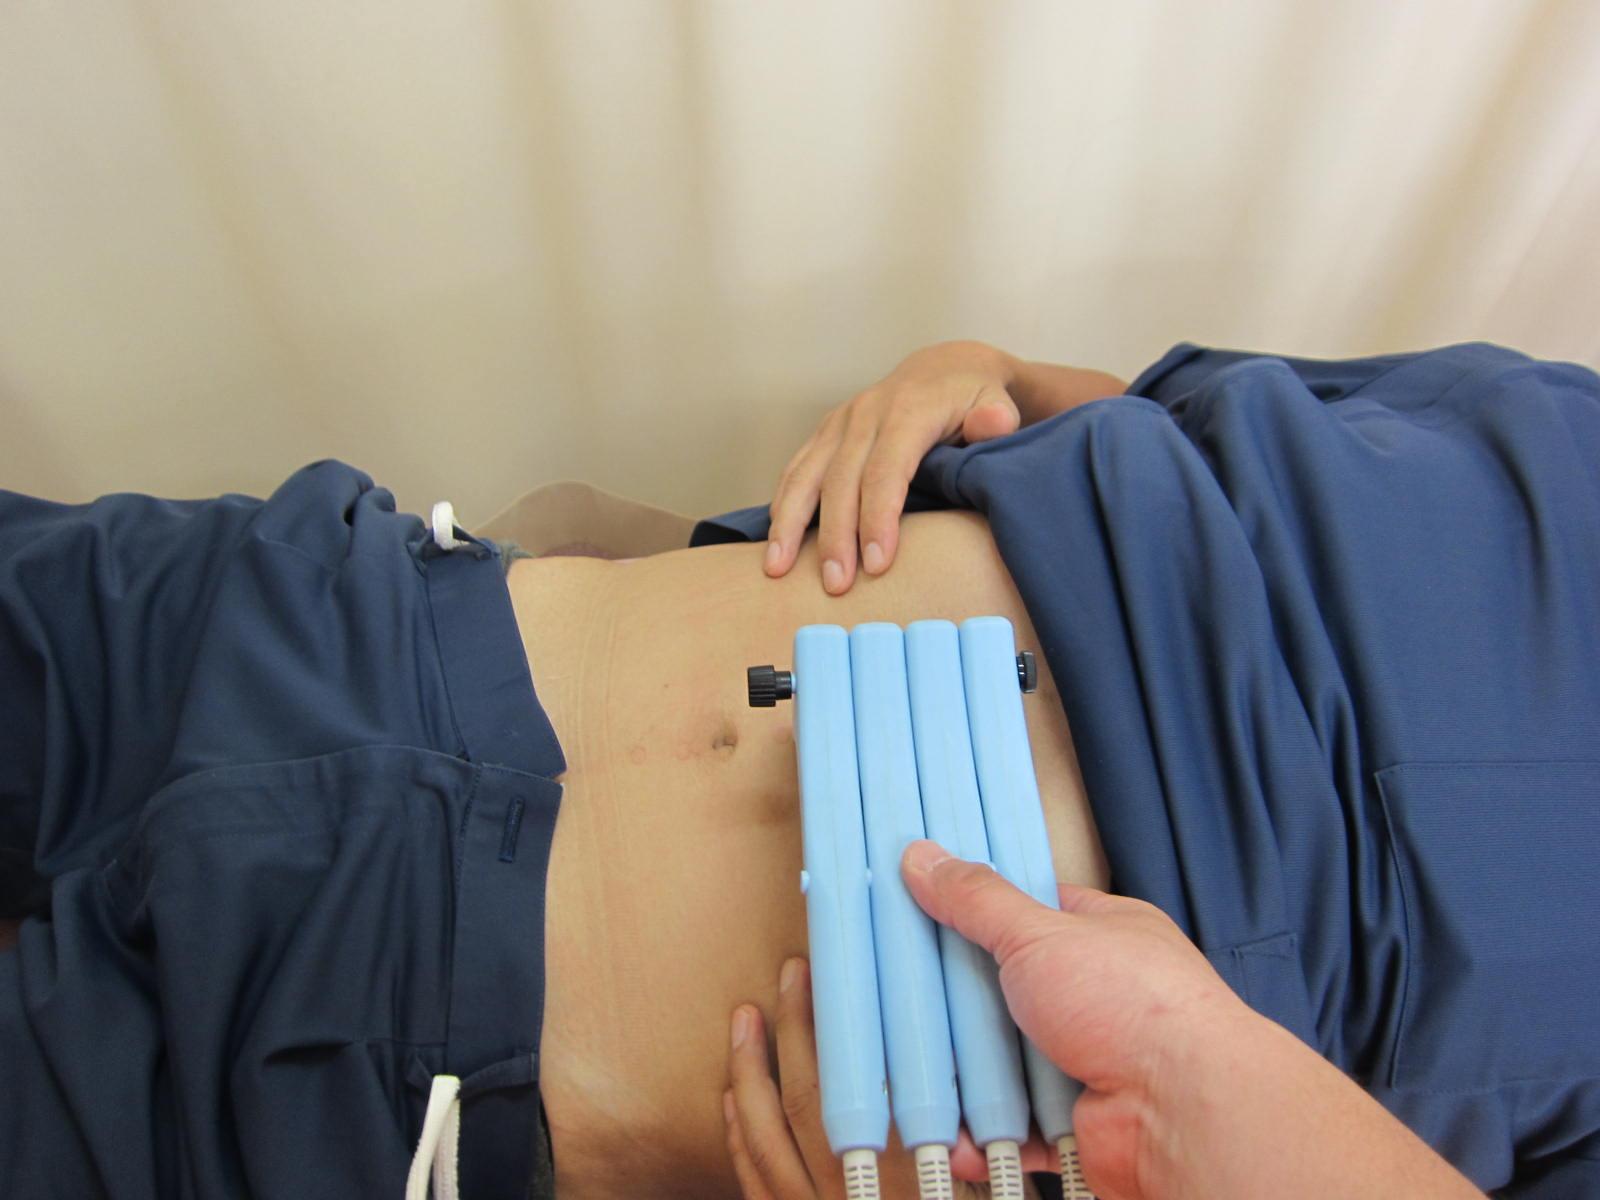 ぎっくり腰の遠絡(えんらく)療法で治療している男性の写真